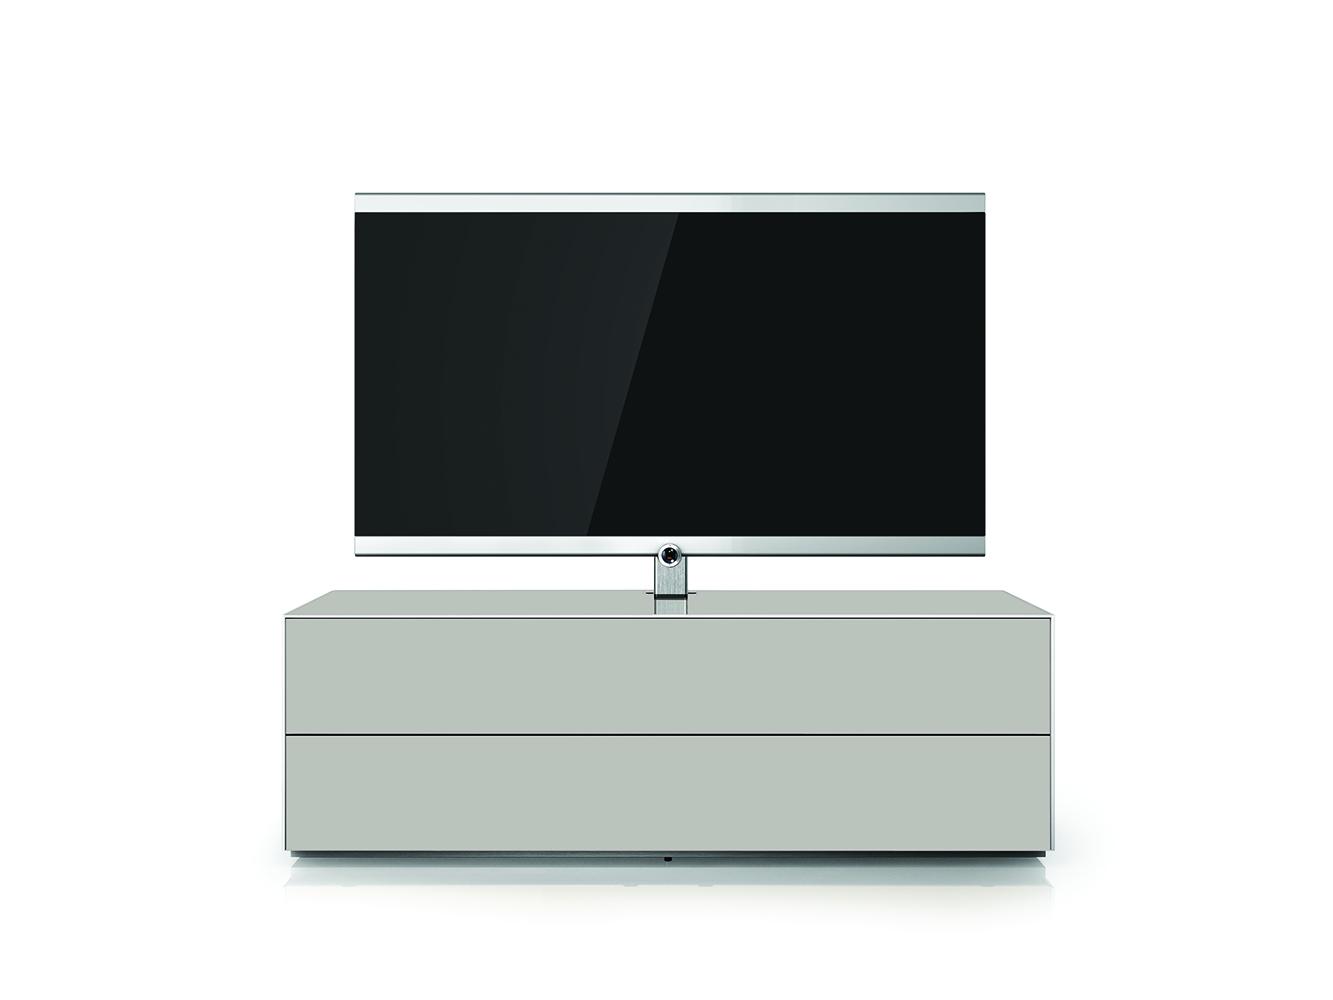 Tv Möbel Sonorous Elements Lowboard Ex11 Fd Pit Pit 2 A Mit Tv